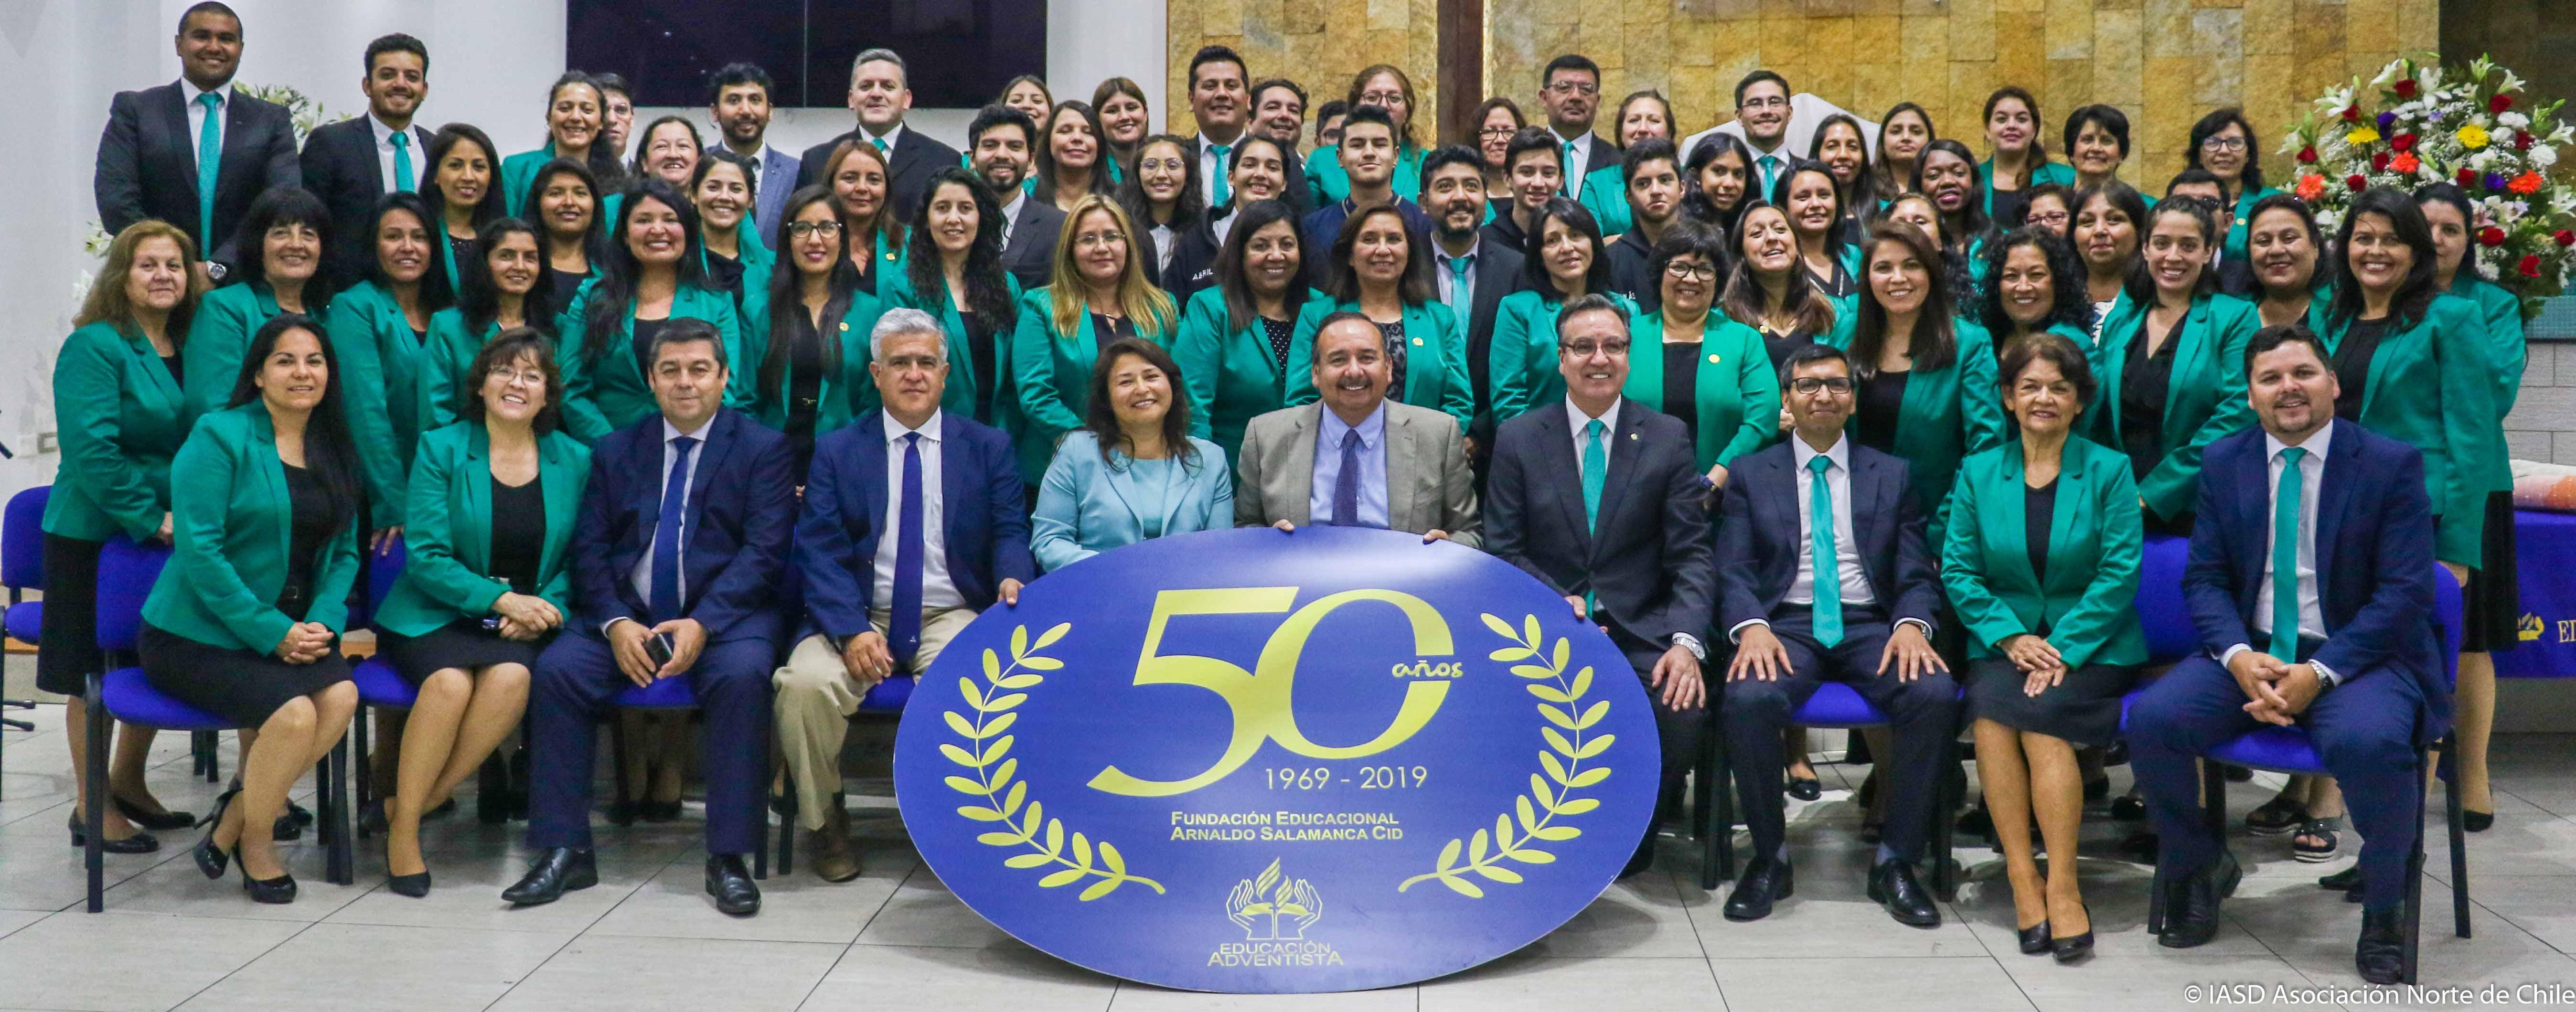 Equipo docente y asistente del aula del Colegio Adventista de Antofagasta.